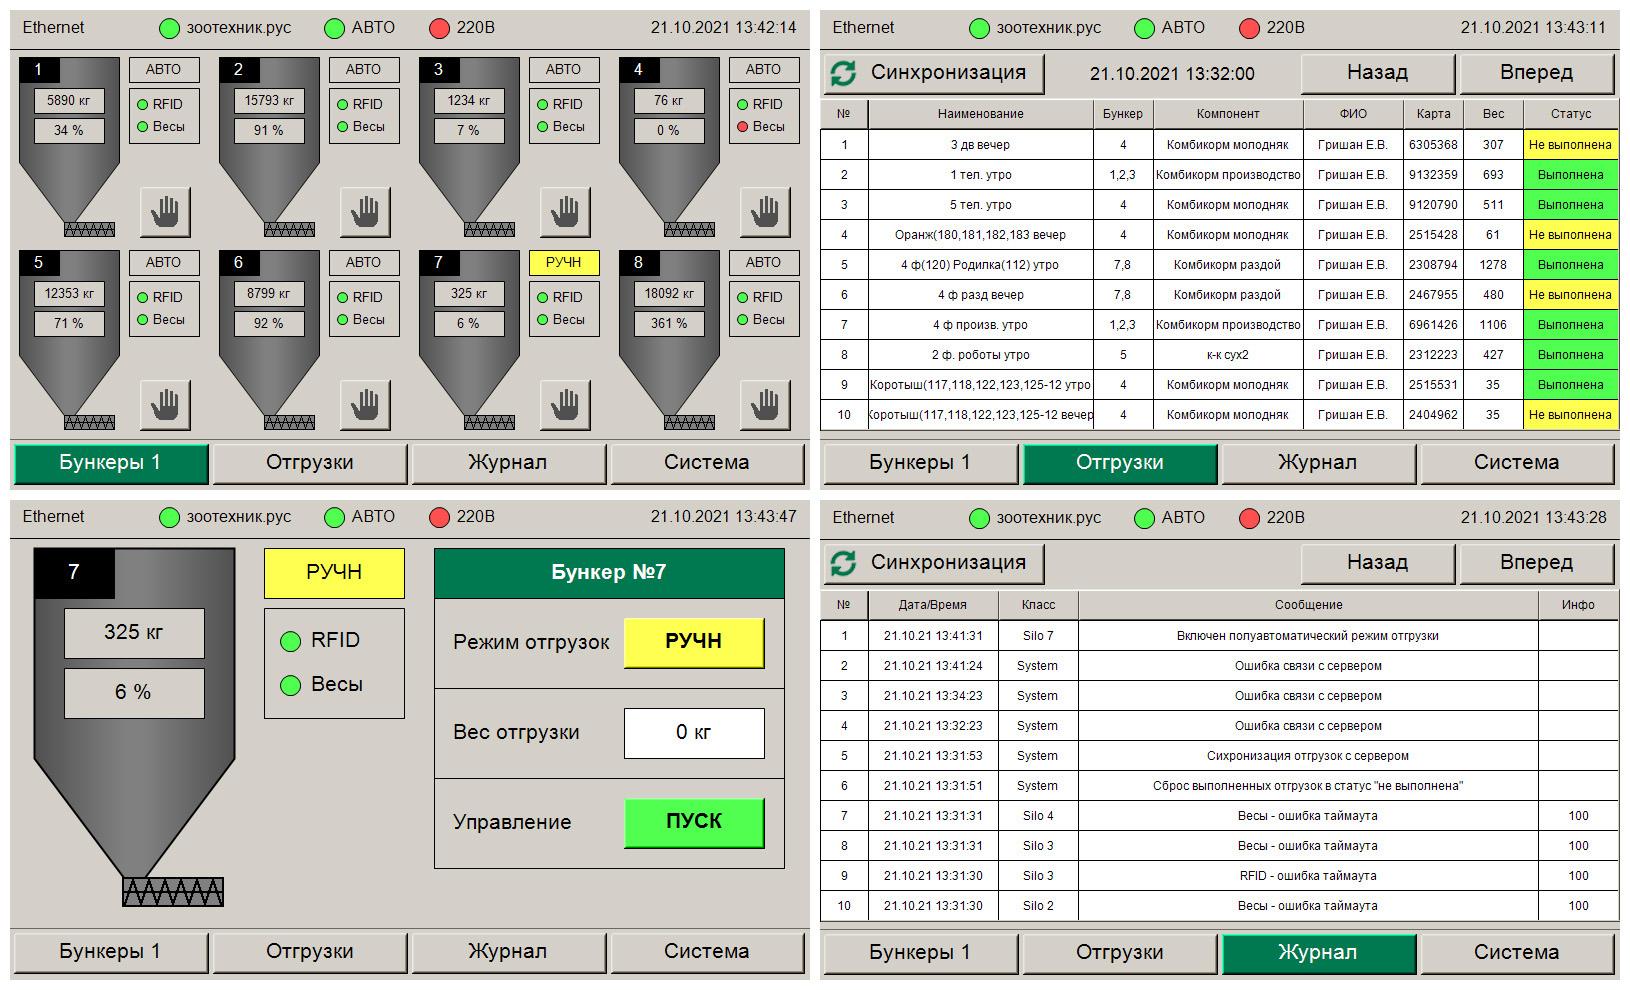 Автоматизация кормоцеха - экраны СПК107 1